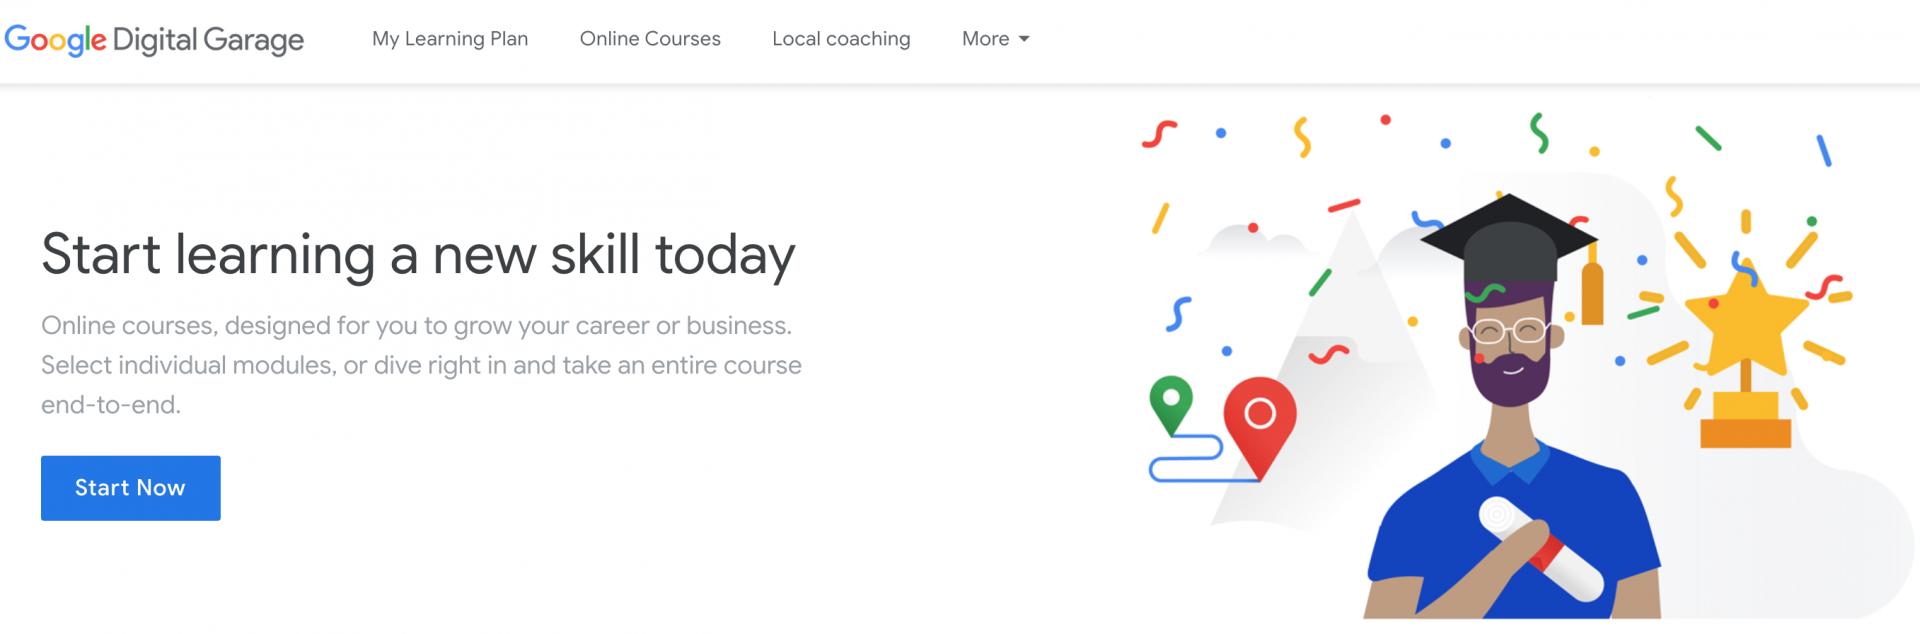 Google Digital Garage - Đào tạo Digital Online miễn phí